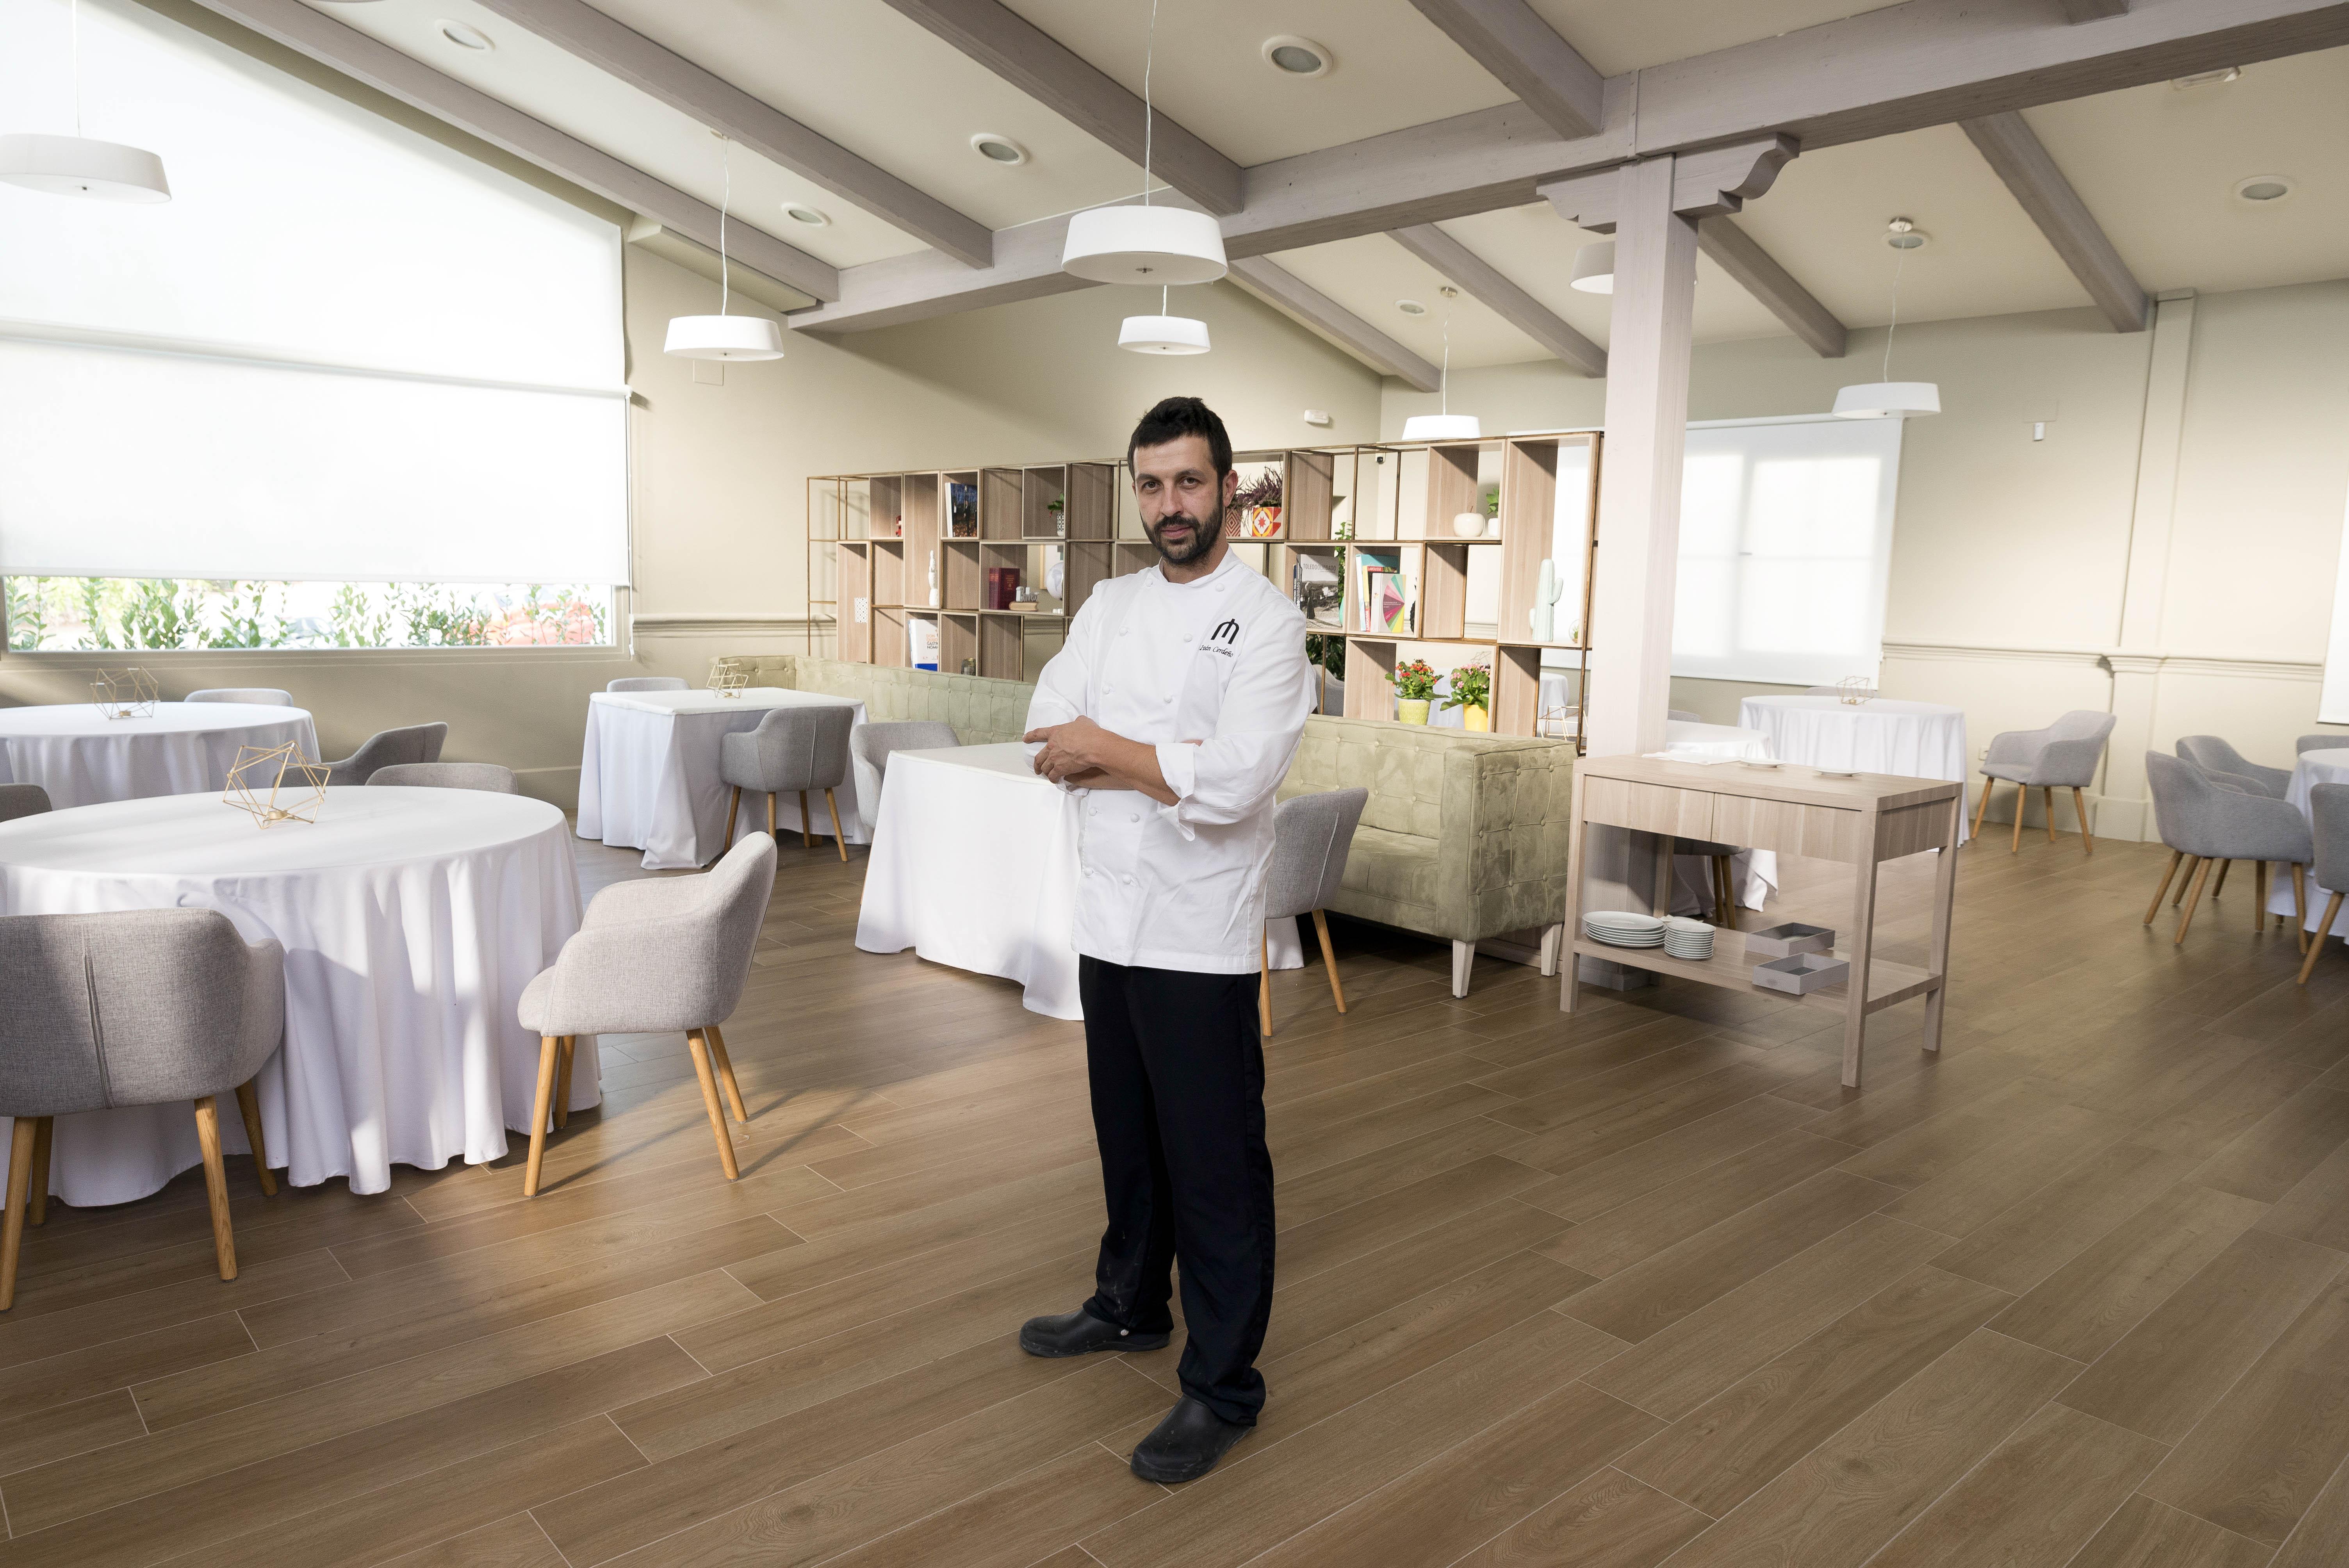 Fotografía Restaurante Chef Fernando del Cerro Casa José Aranjuez  © Jorge Zorrilla Fotógrafo Madrid